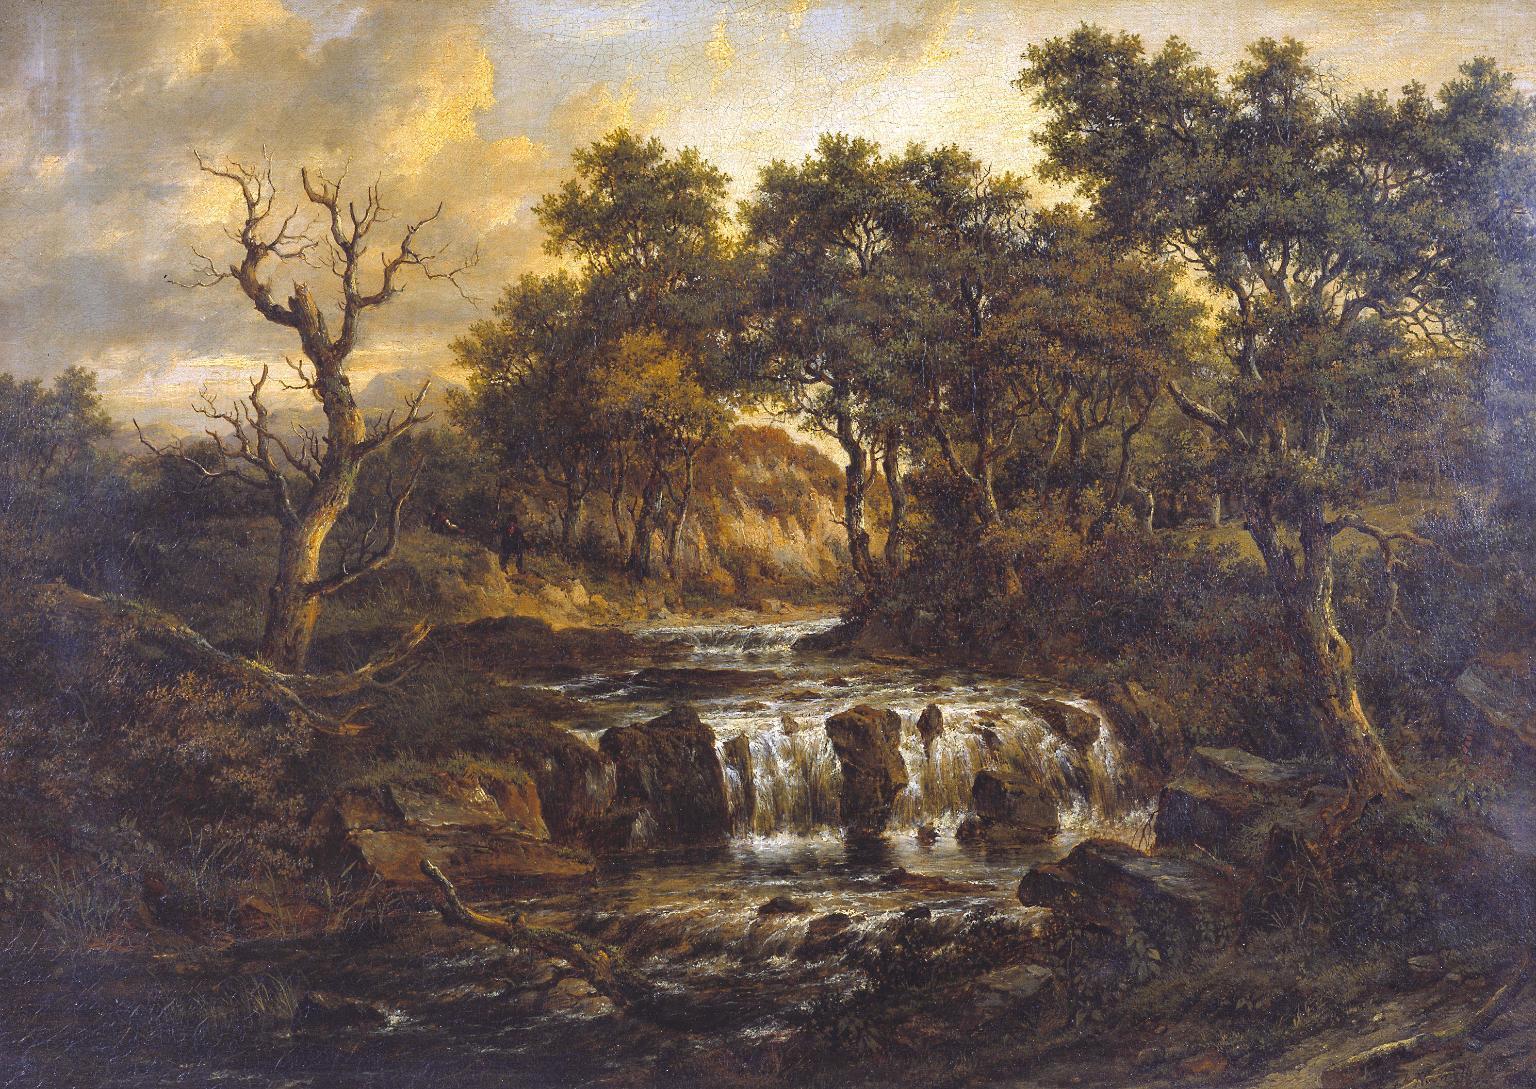 Landscape', Patrick Nasmyth, 1831.